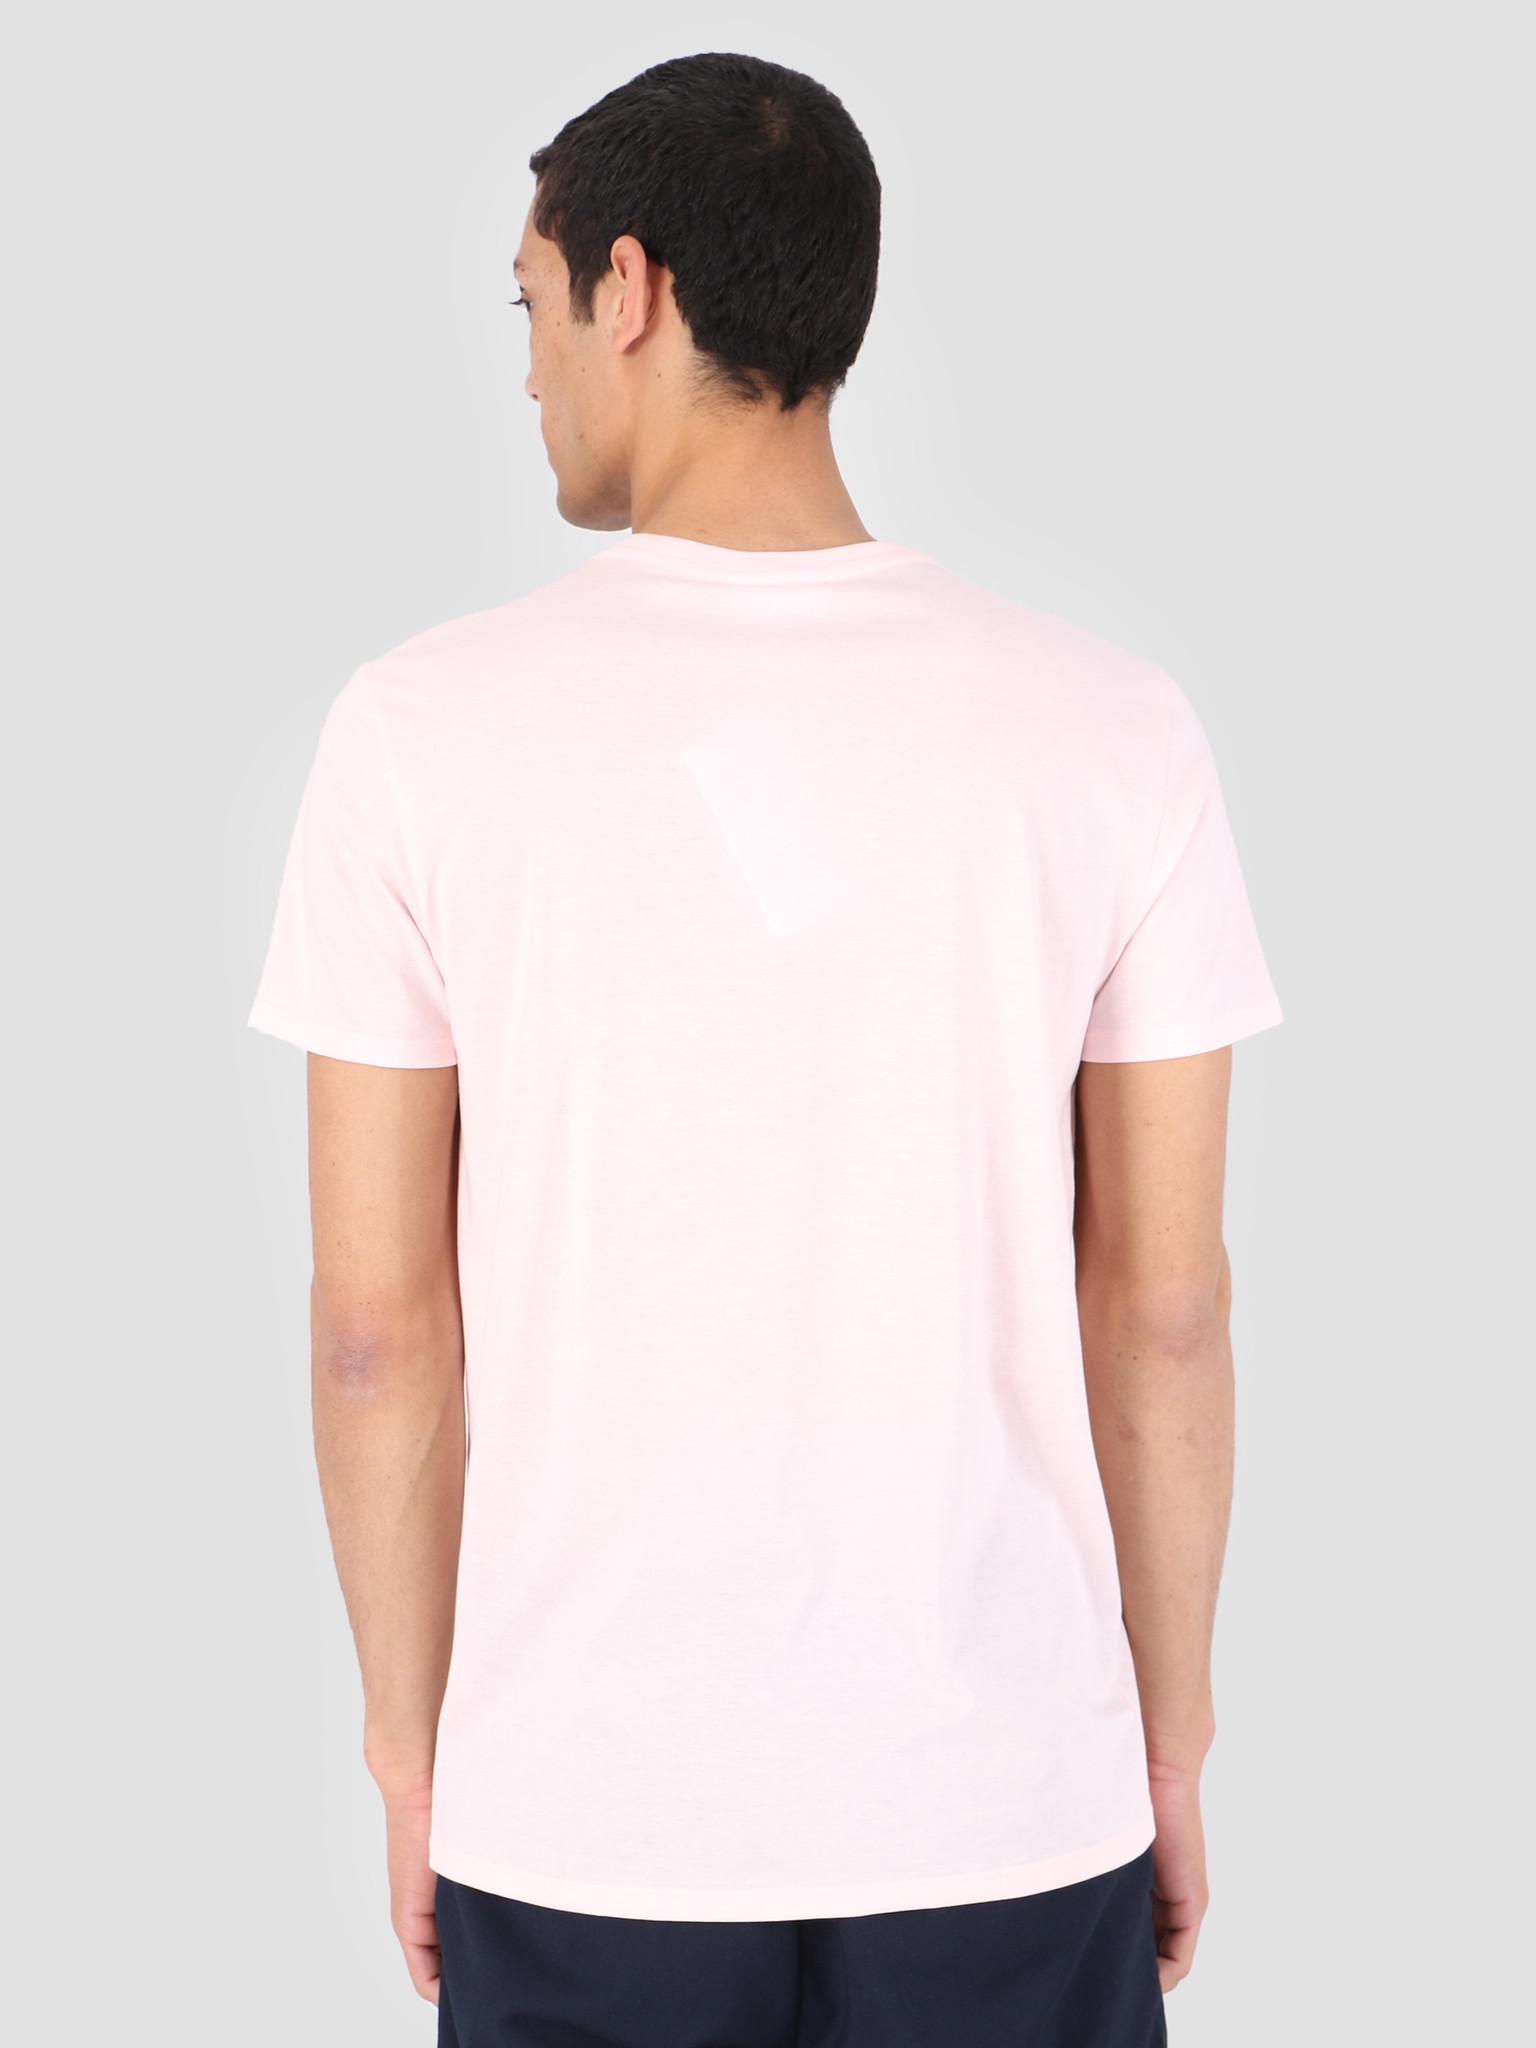 Lacoste Lacoste 1Ht1 Men'S T-Shirt 011 Flamingo Th6709-91